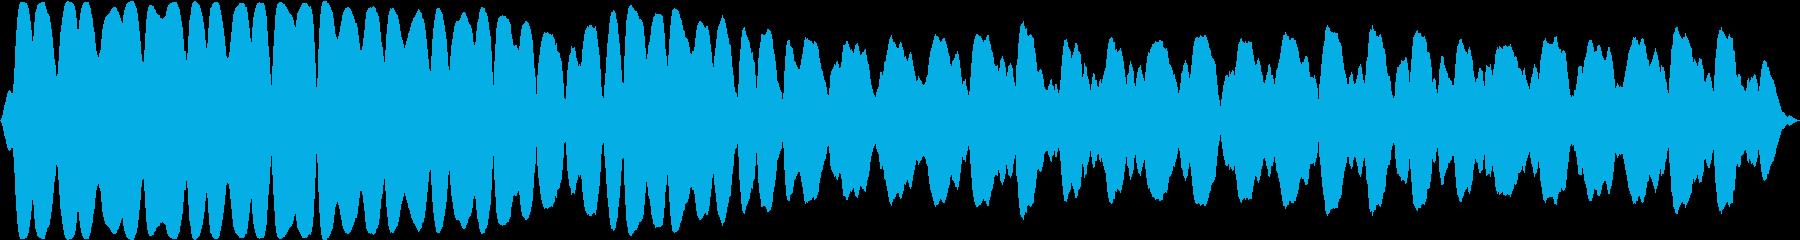 廃棄された宇宙ステーション内部の不穏な音の再生済みの波形